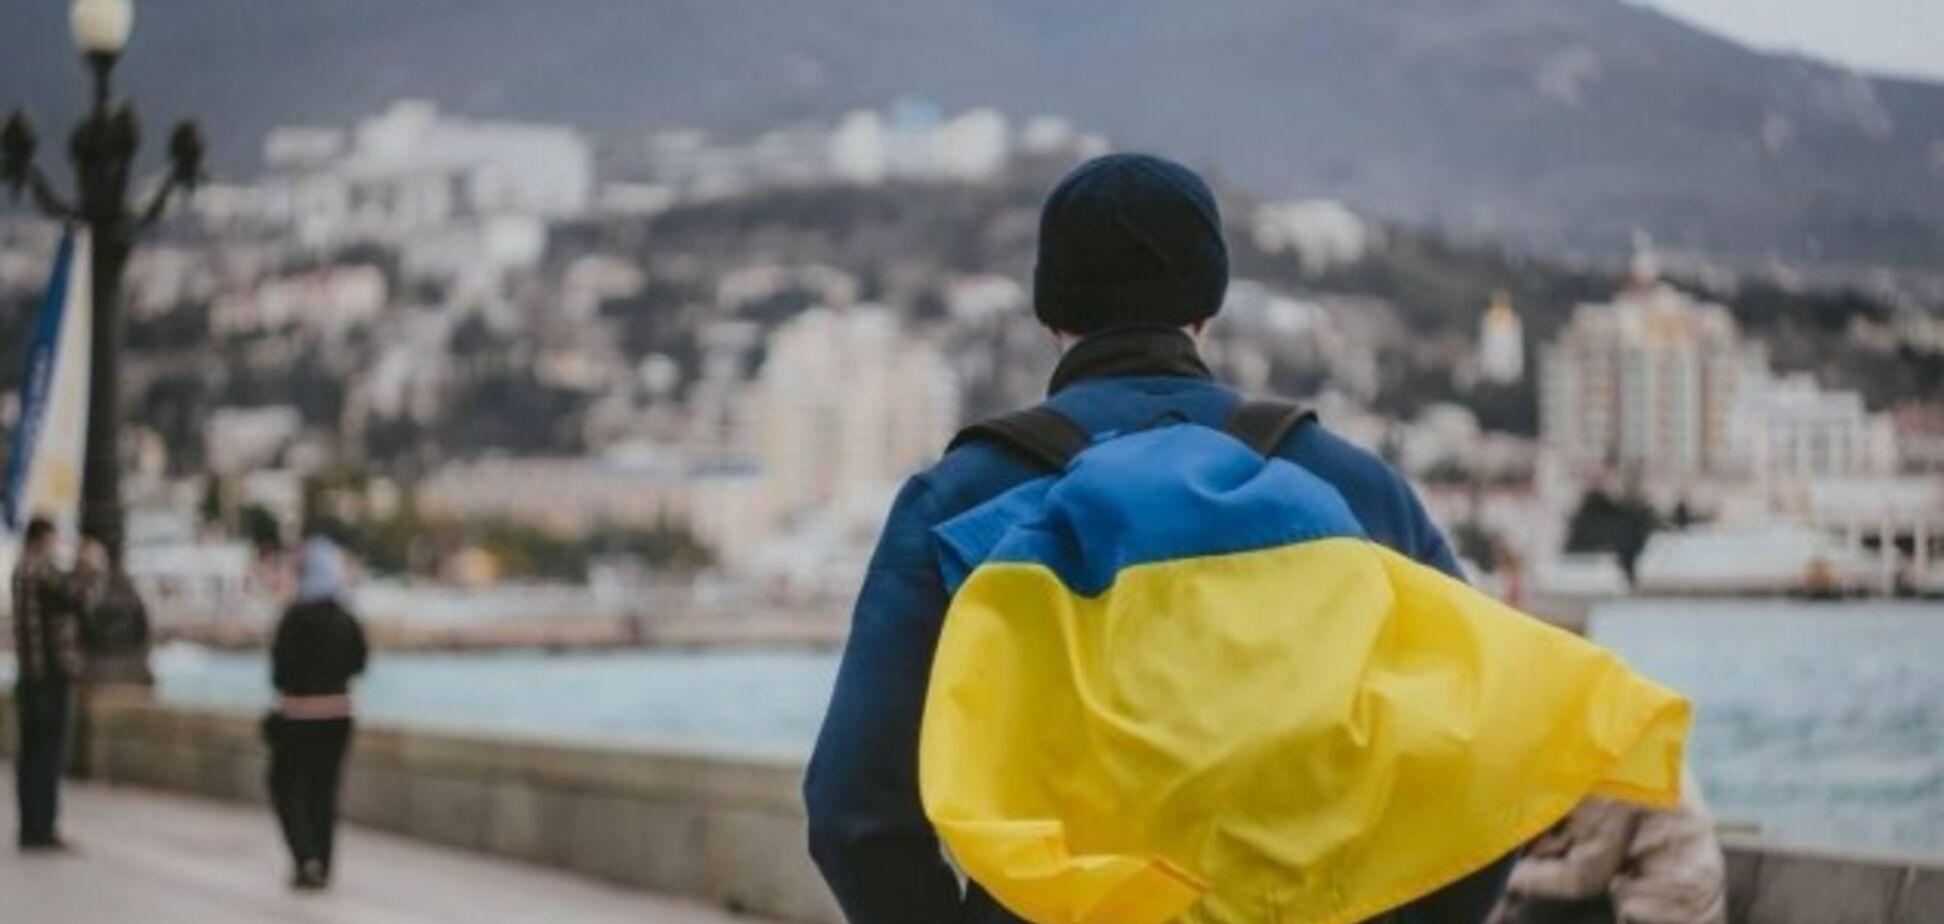 Офіційна позиція? Окупанти визнали Крим українським: фотофакт